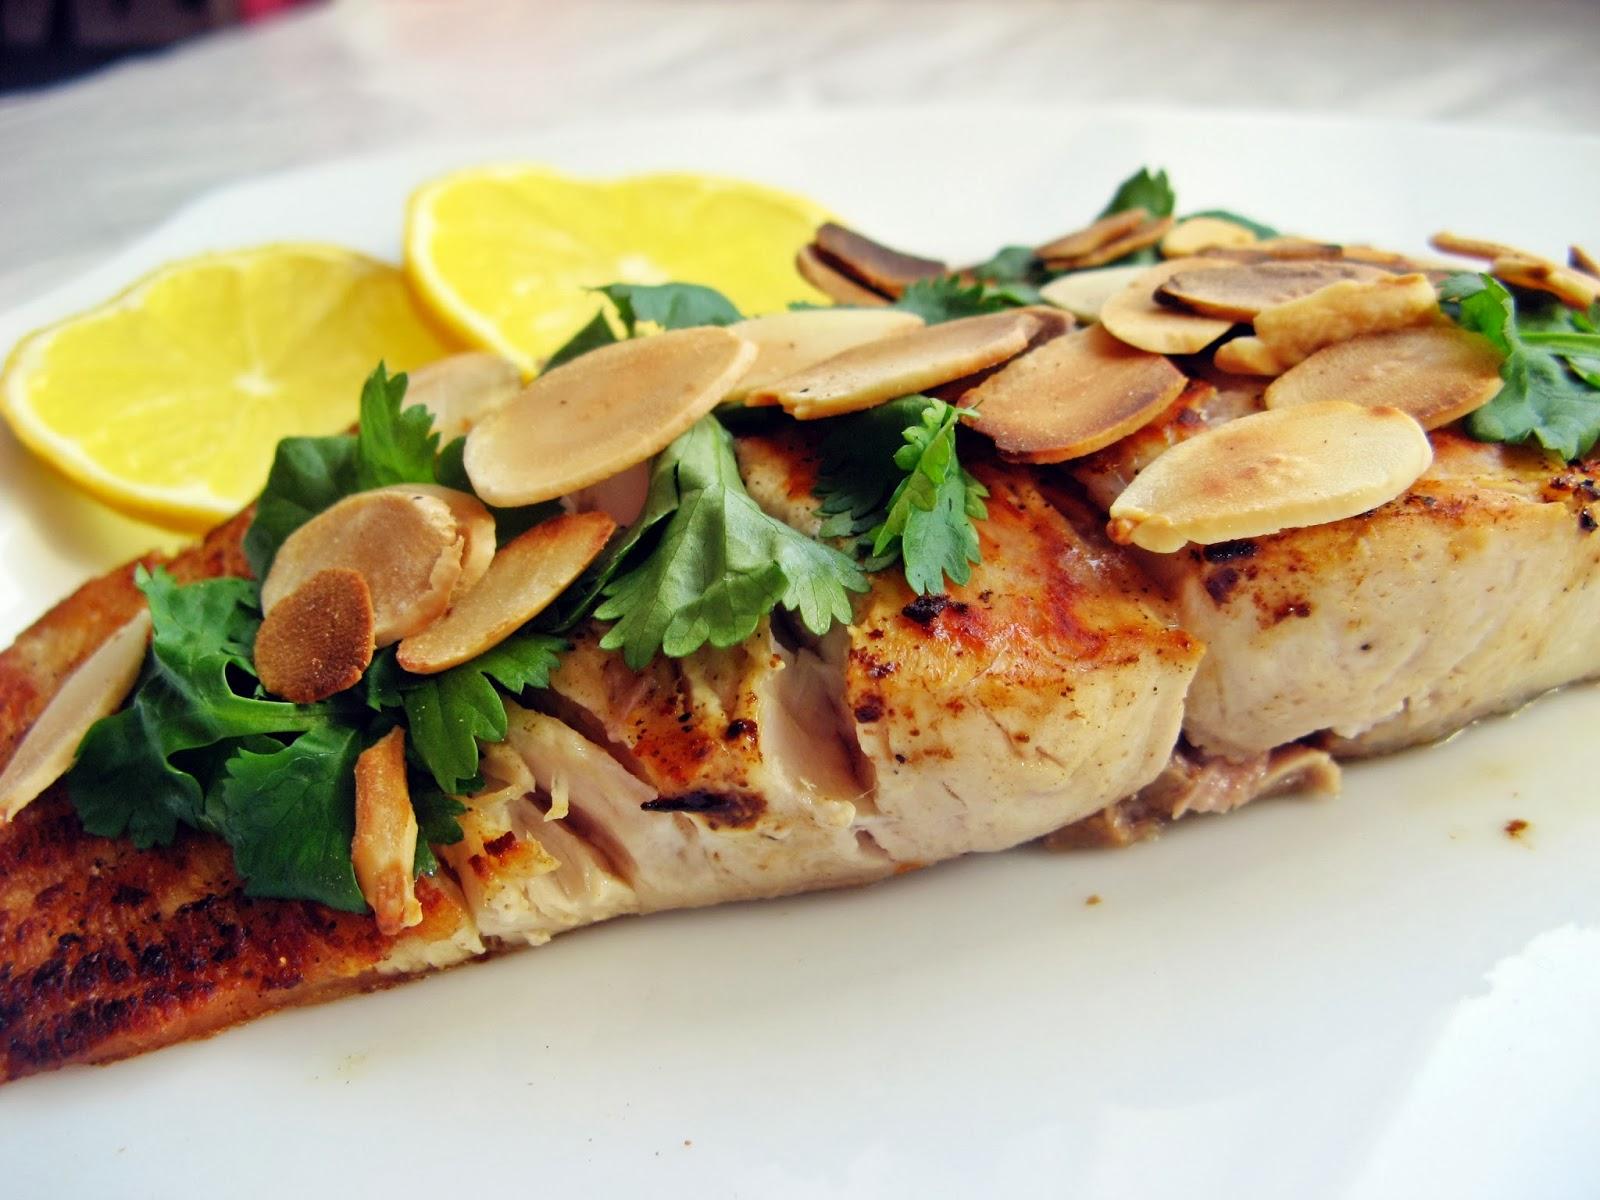 Ryba z prażonymi płatkami migdałowymi i ziołami